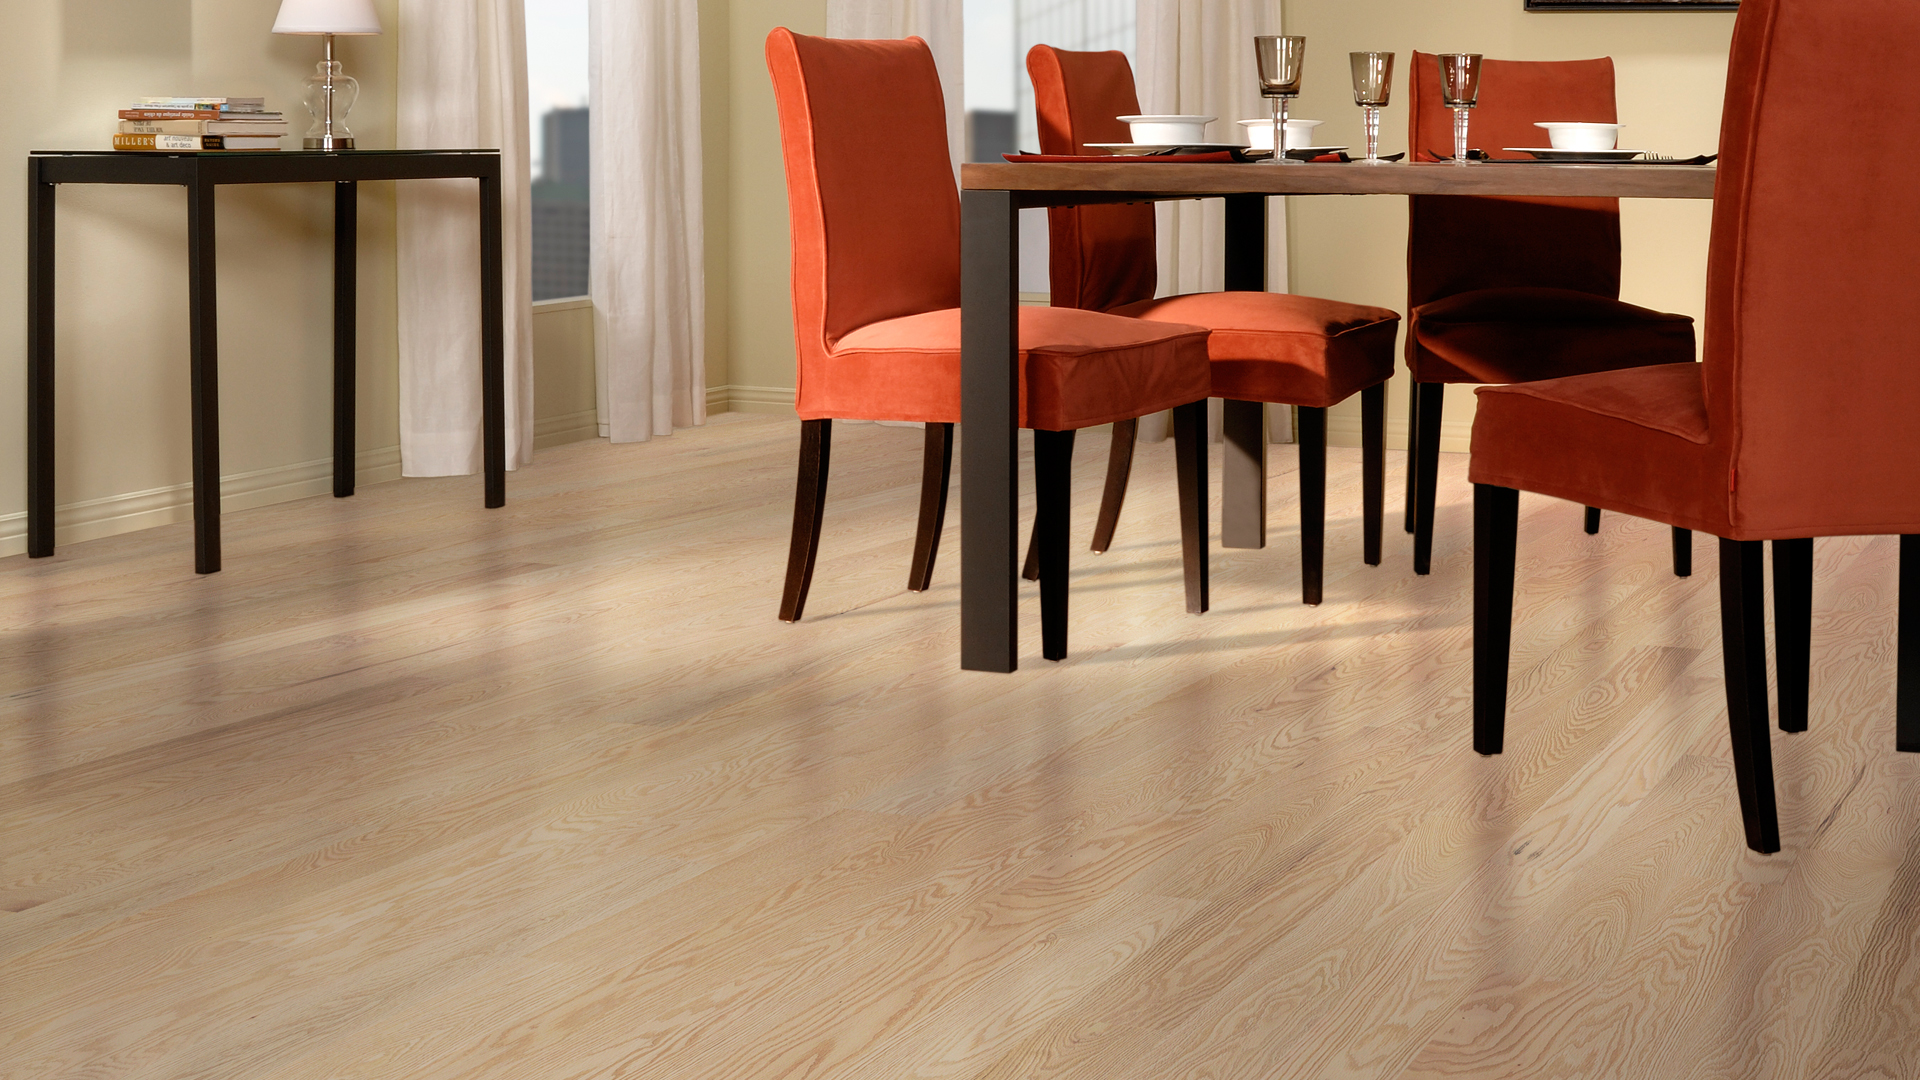 Red oak wire brushed cachemire | Dubeau hardwood floors | Dining room decor